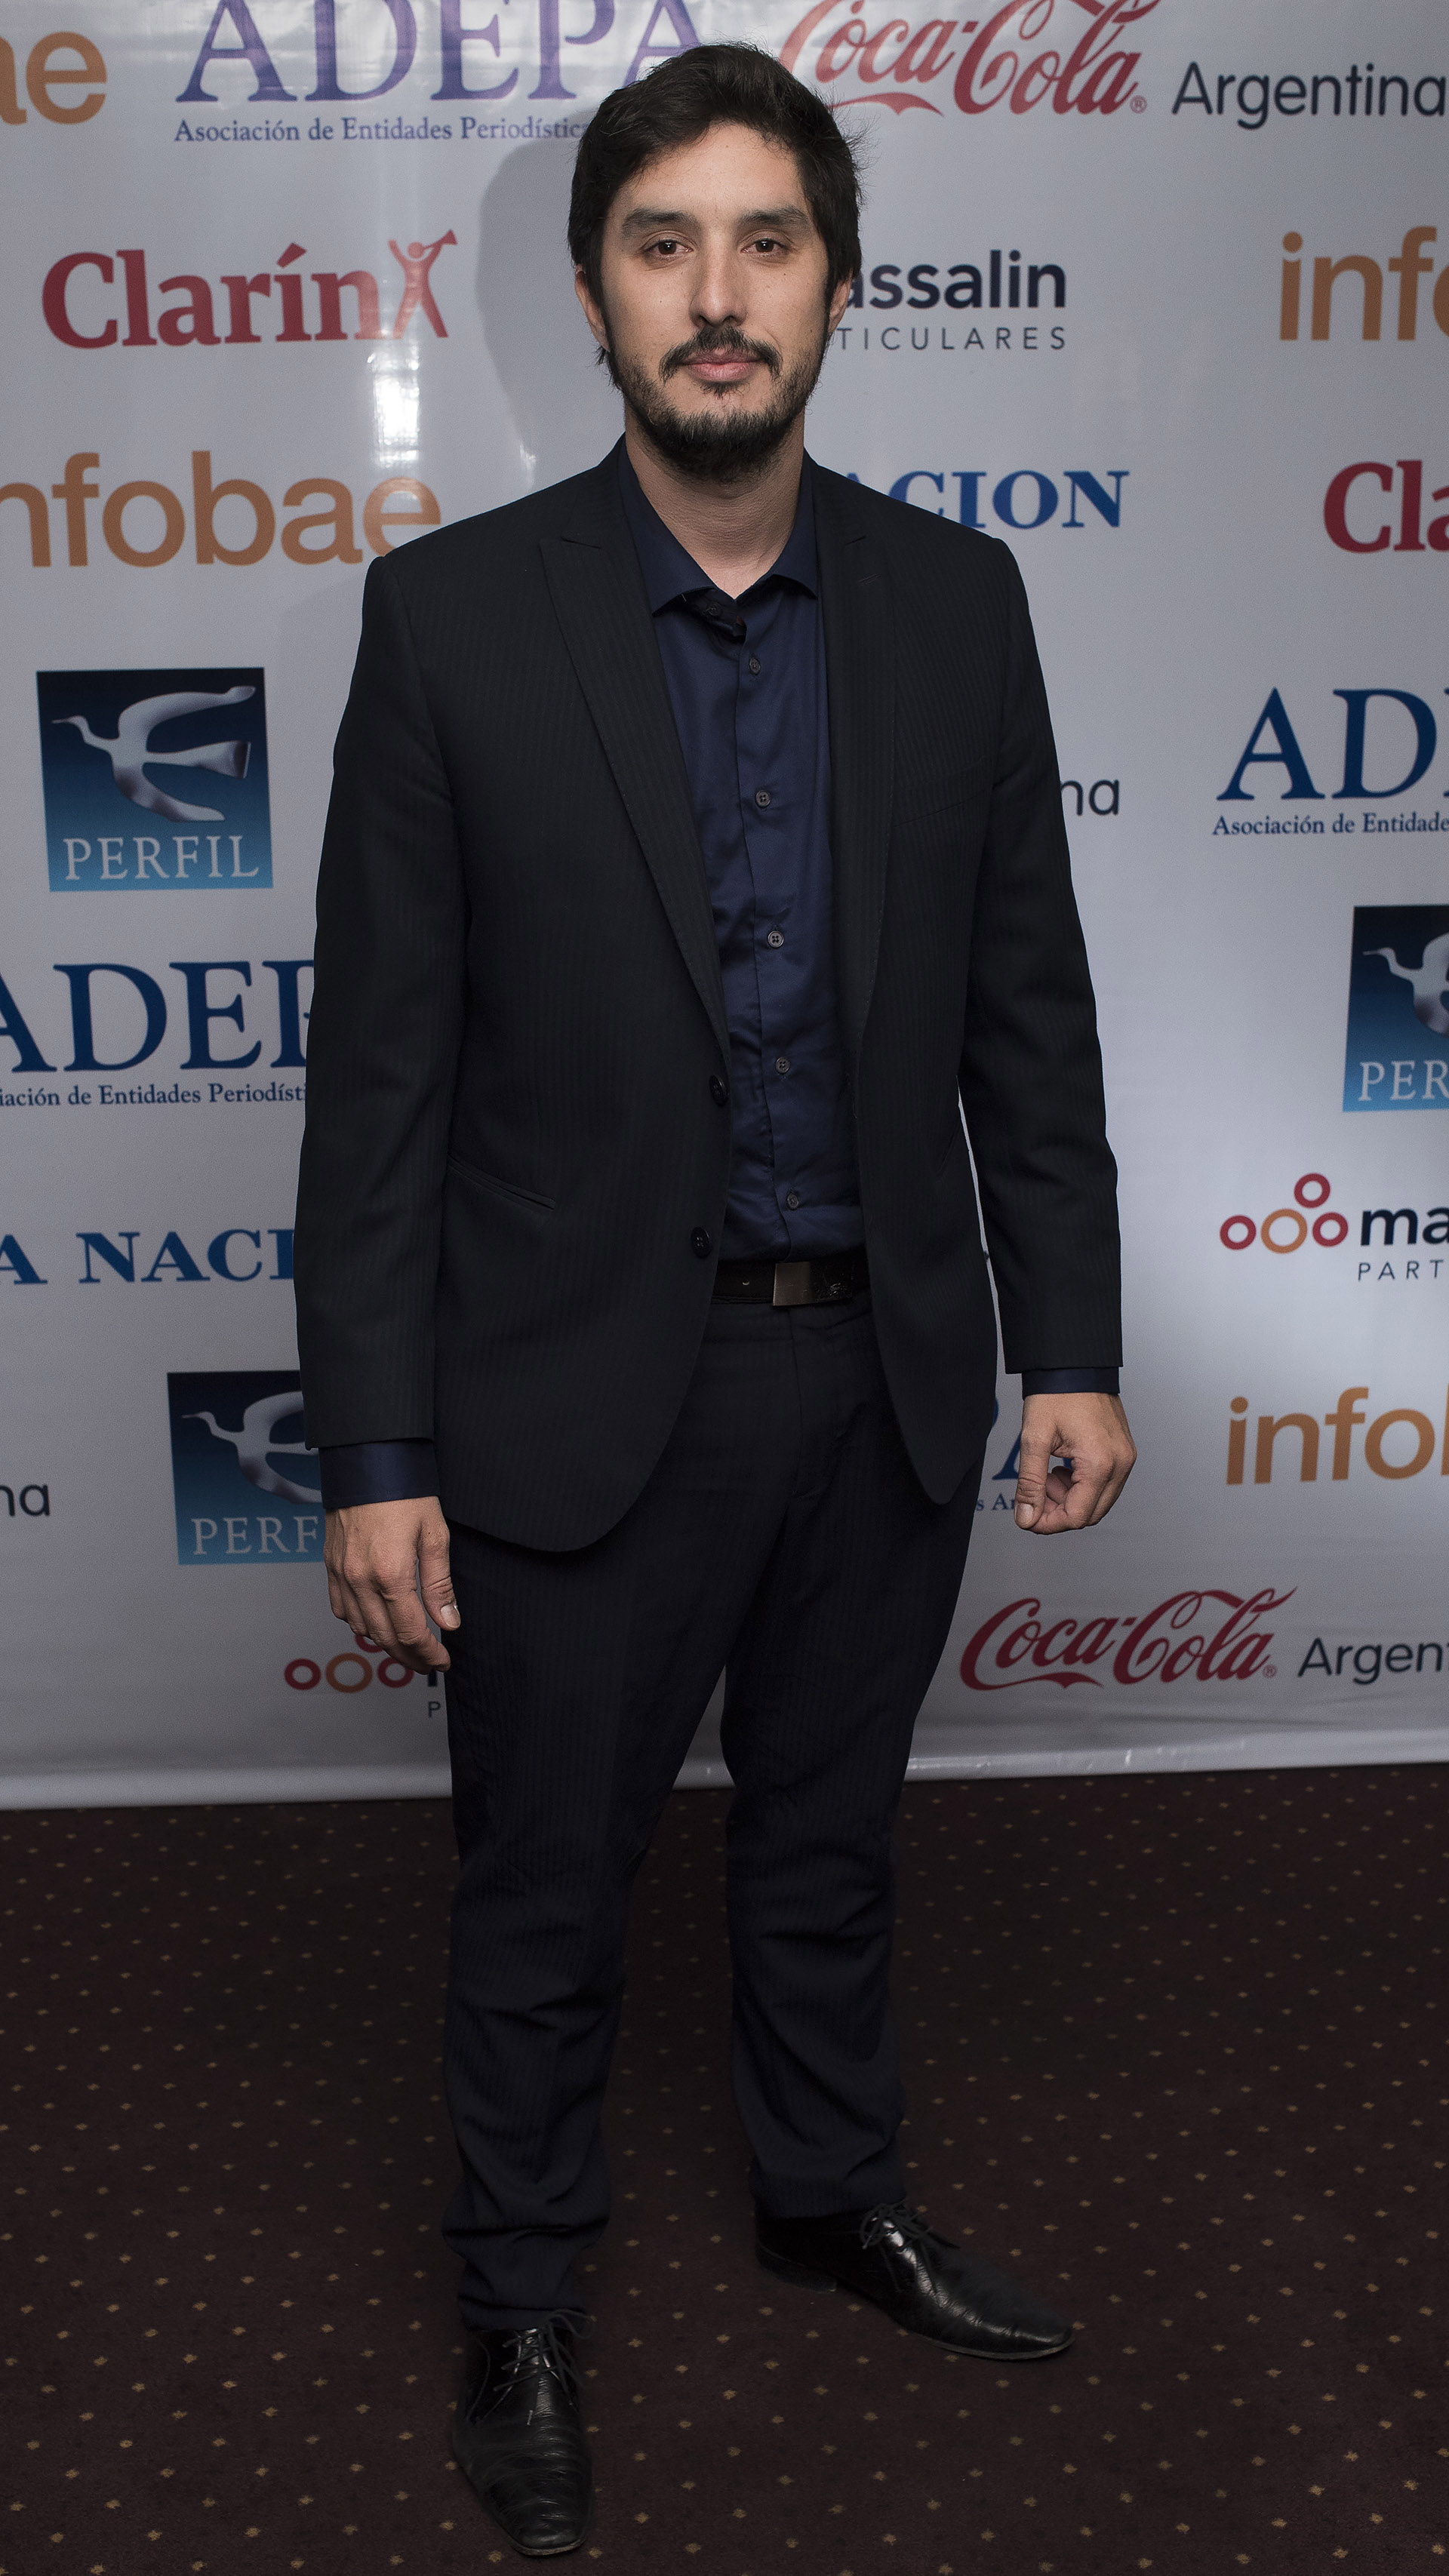 El periodista Lucas Morando